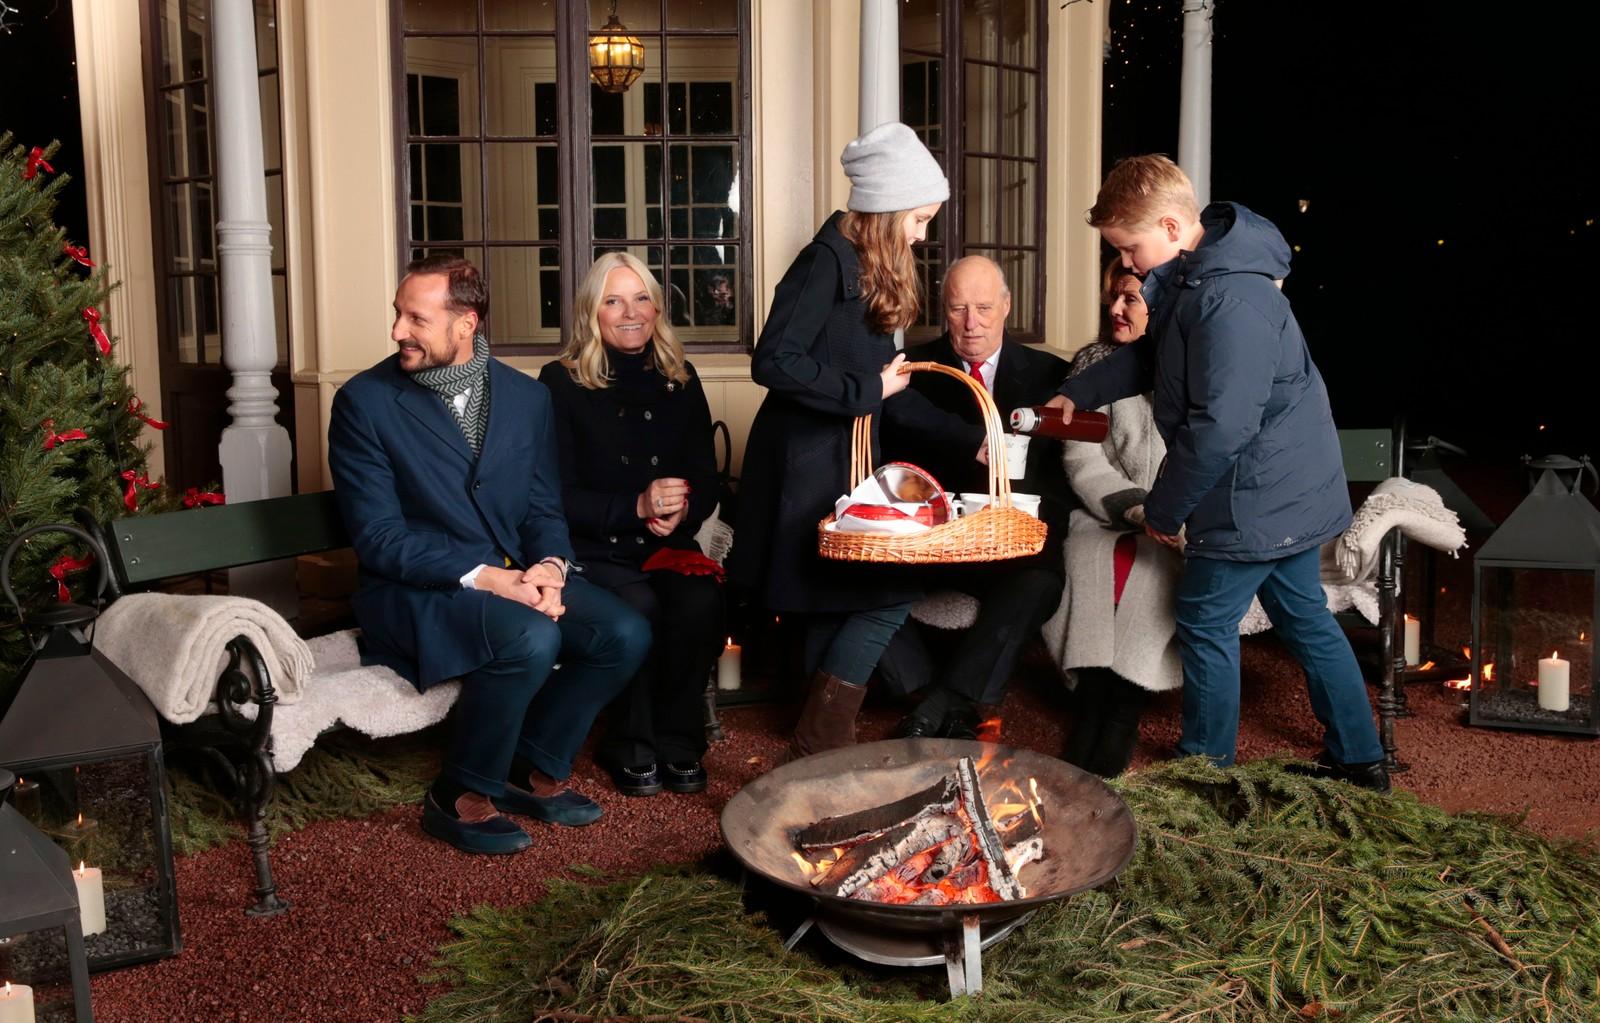 Kronprins Haakon, prins Sverre Magnus, kronprinsesse Mette-Marit, kong Harald, prinsesse Ingrid Alexandra og dronning Sonja drikker gløgg av kopper prinsesse Astrid har malt og spiser pepperkaker utenfor lysthuset på Slottet i forbindelse med julefotografering tirsdag ettermiddag.